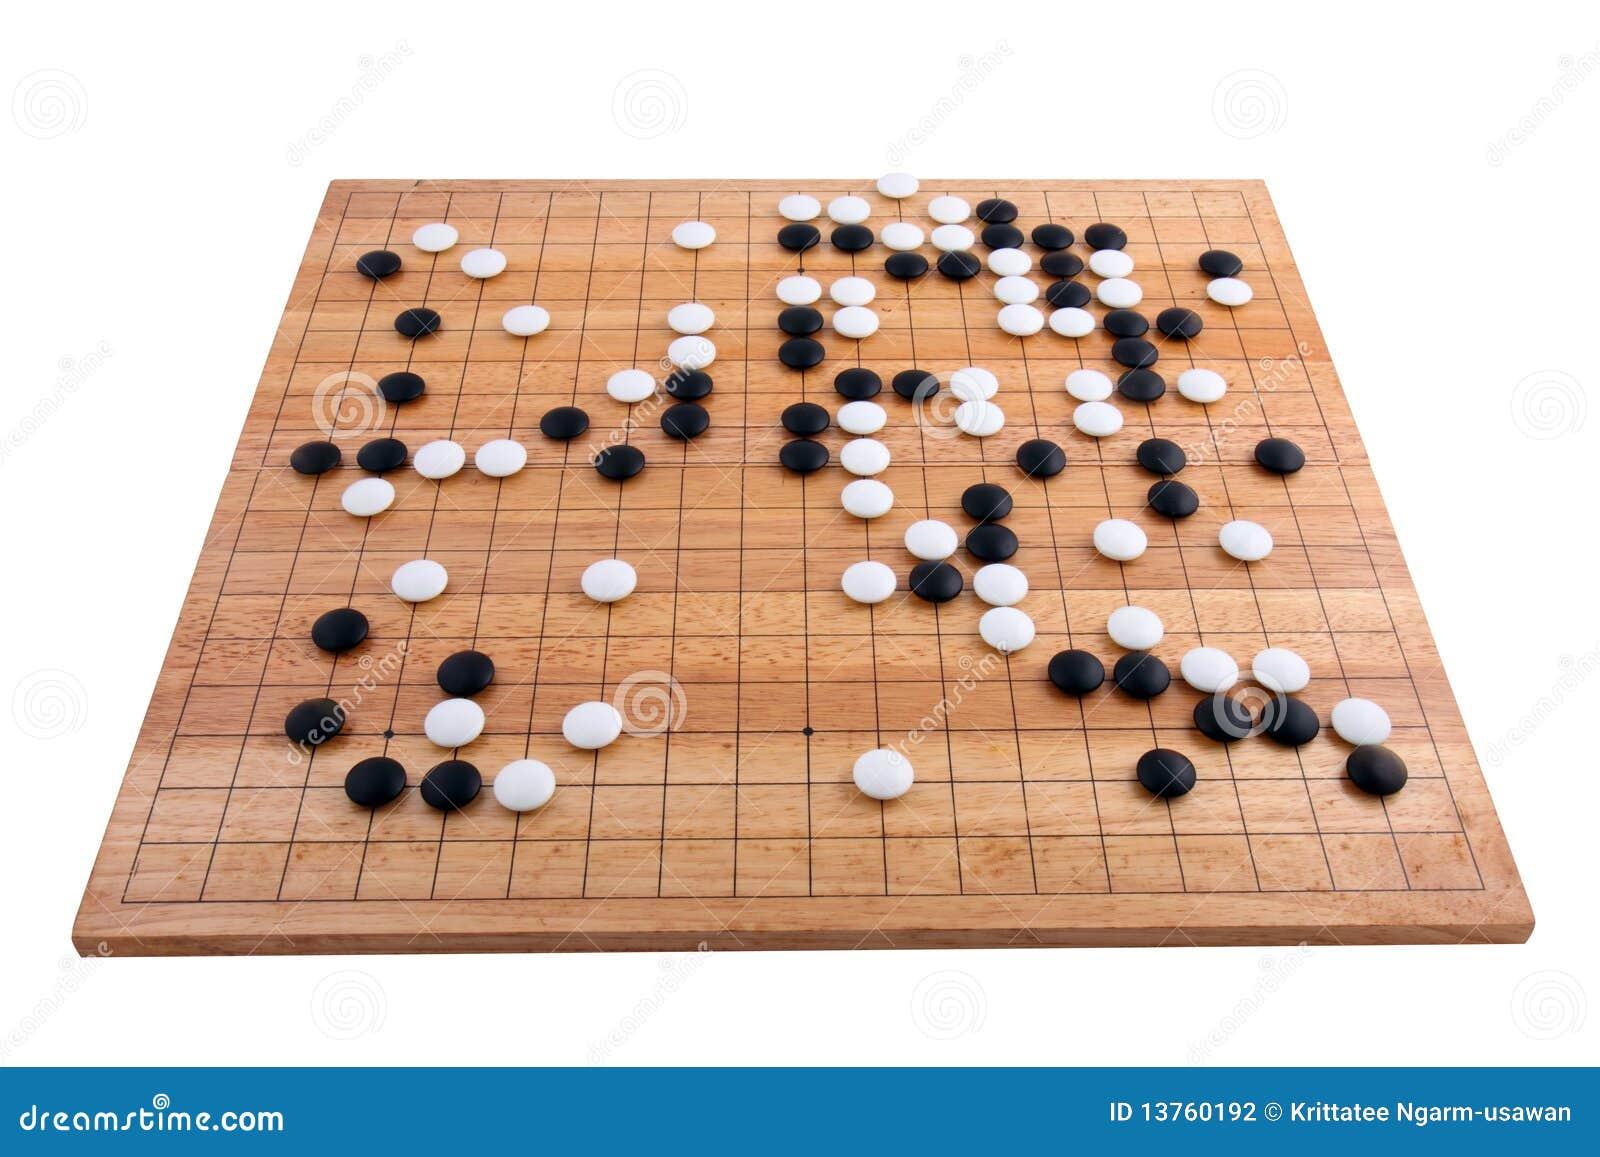 Japanese image board